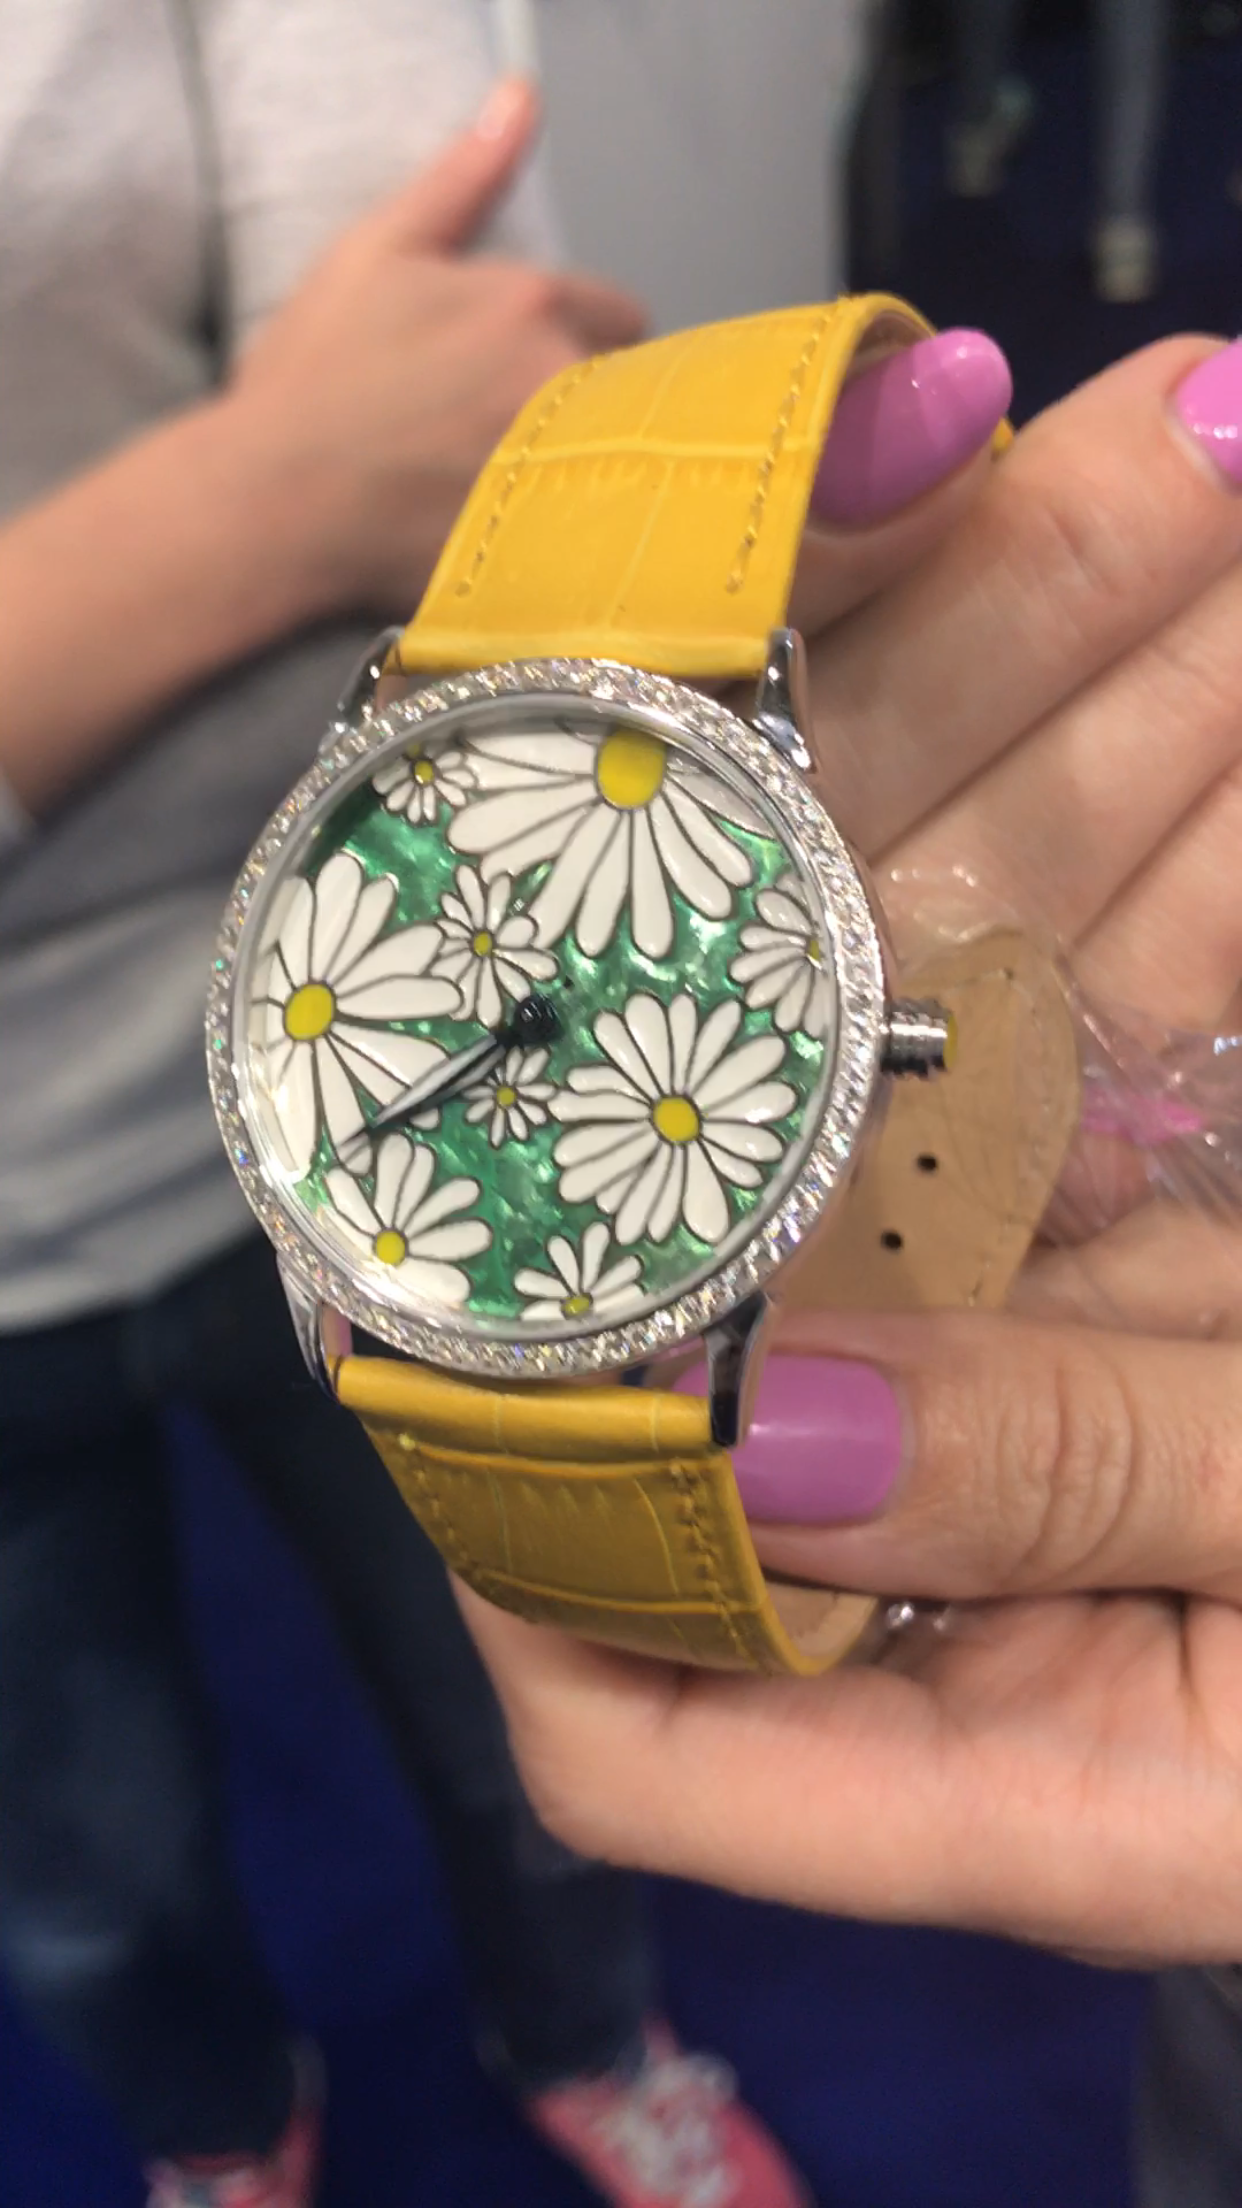 Часы ника скелетон эксклюзив купить часы с автоподзаводом швейцарские